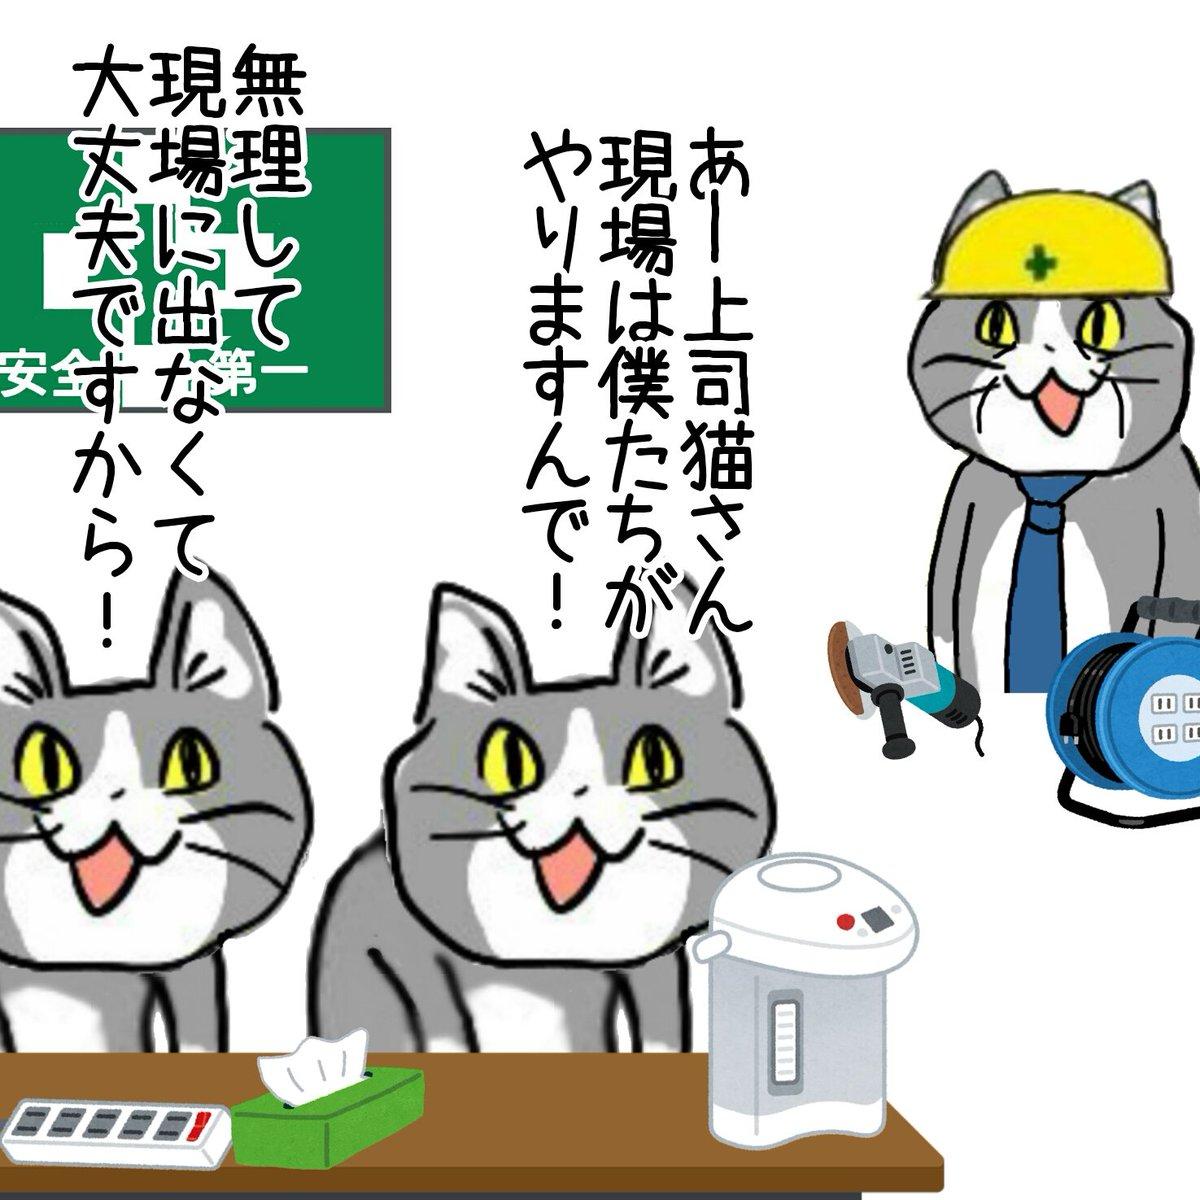 現場 猫 画像 現場ネコさん、カオス【画像詰め合わせ】 - なんJ